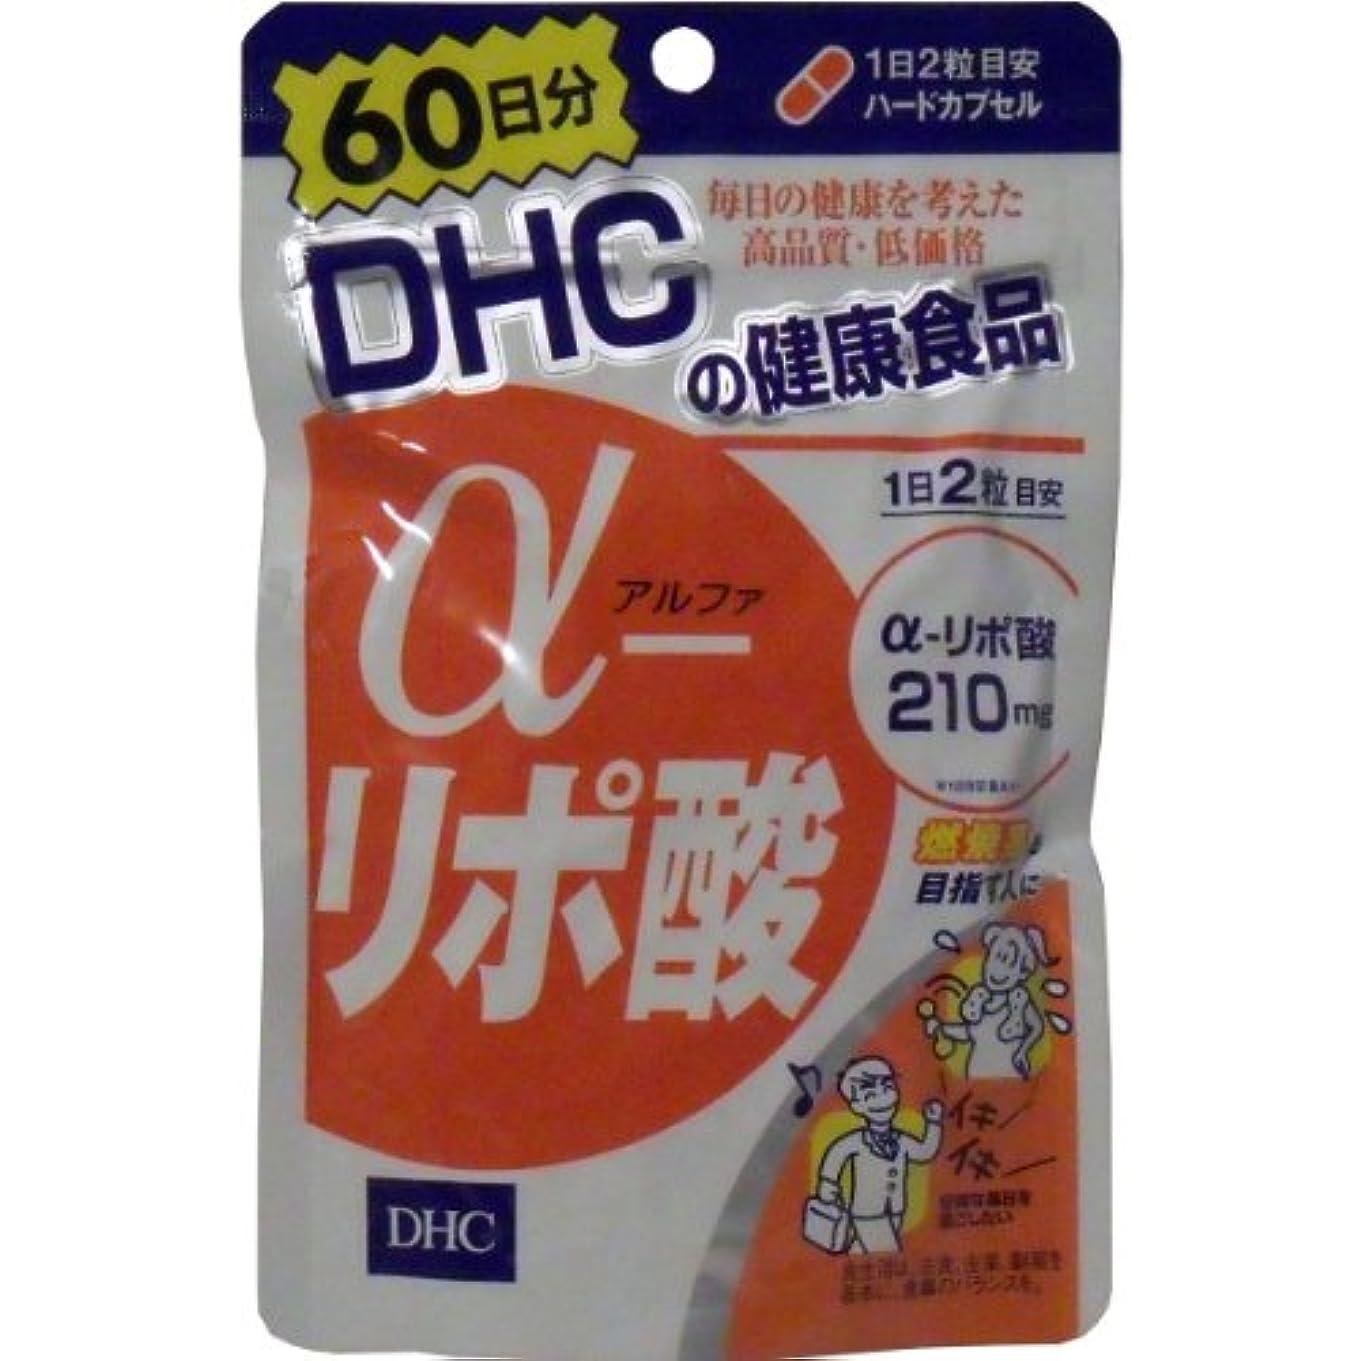 気絶させる情熱的遠近法α-リポ酸は、もともと体内にあるエネルギー活性成分。サプリメントでの効率的な補給がおすすめ!DHC120粒 60日分 【3個セット】